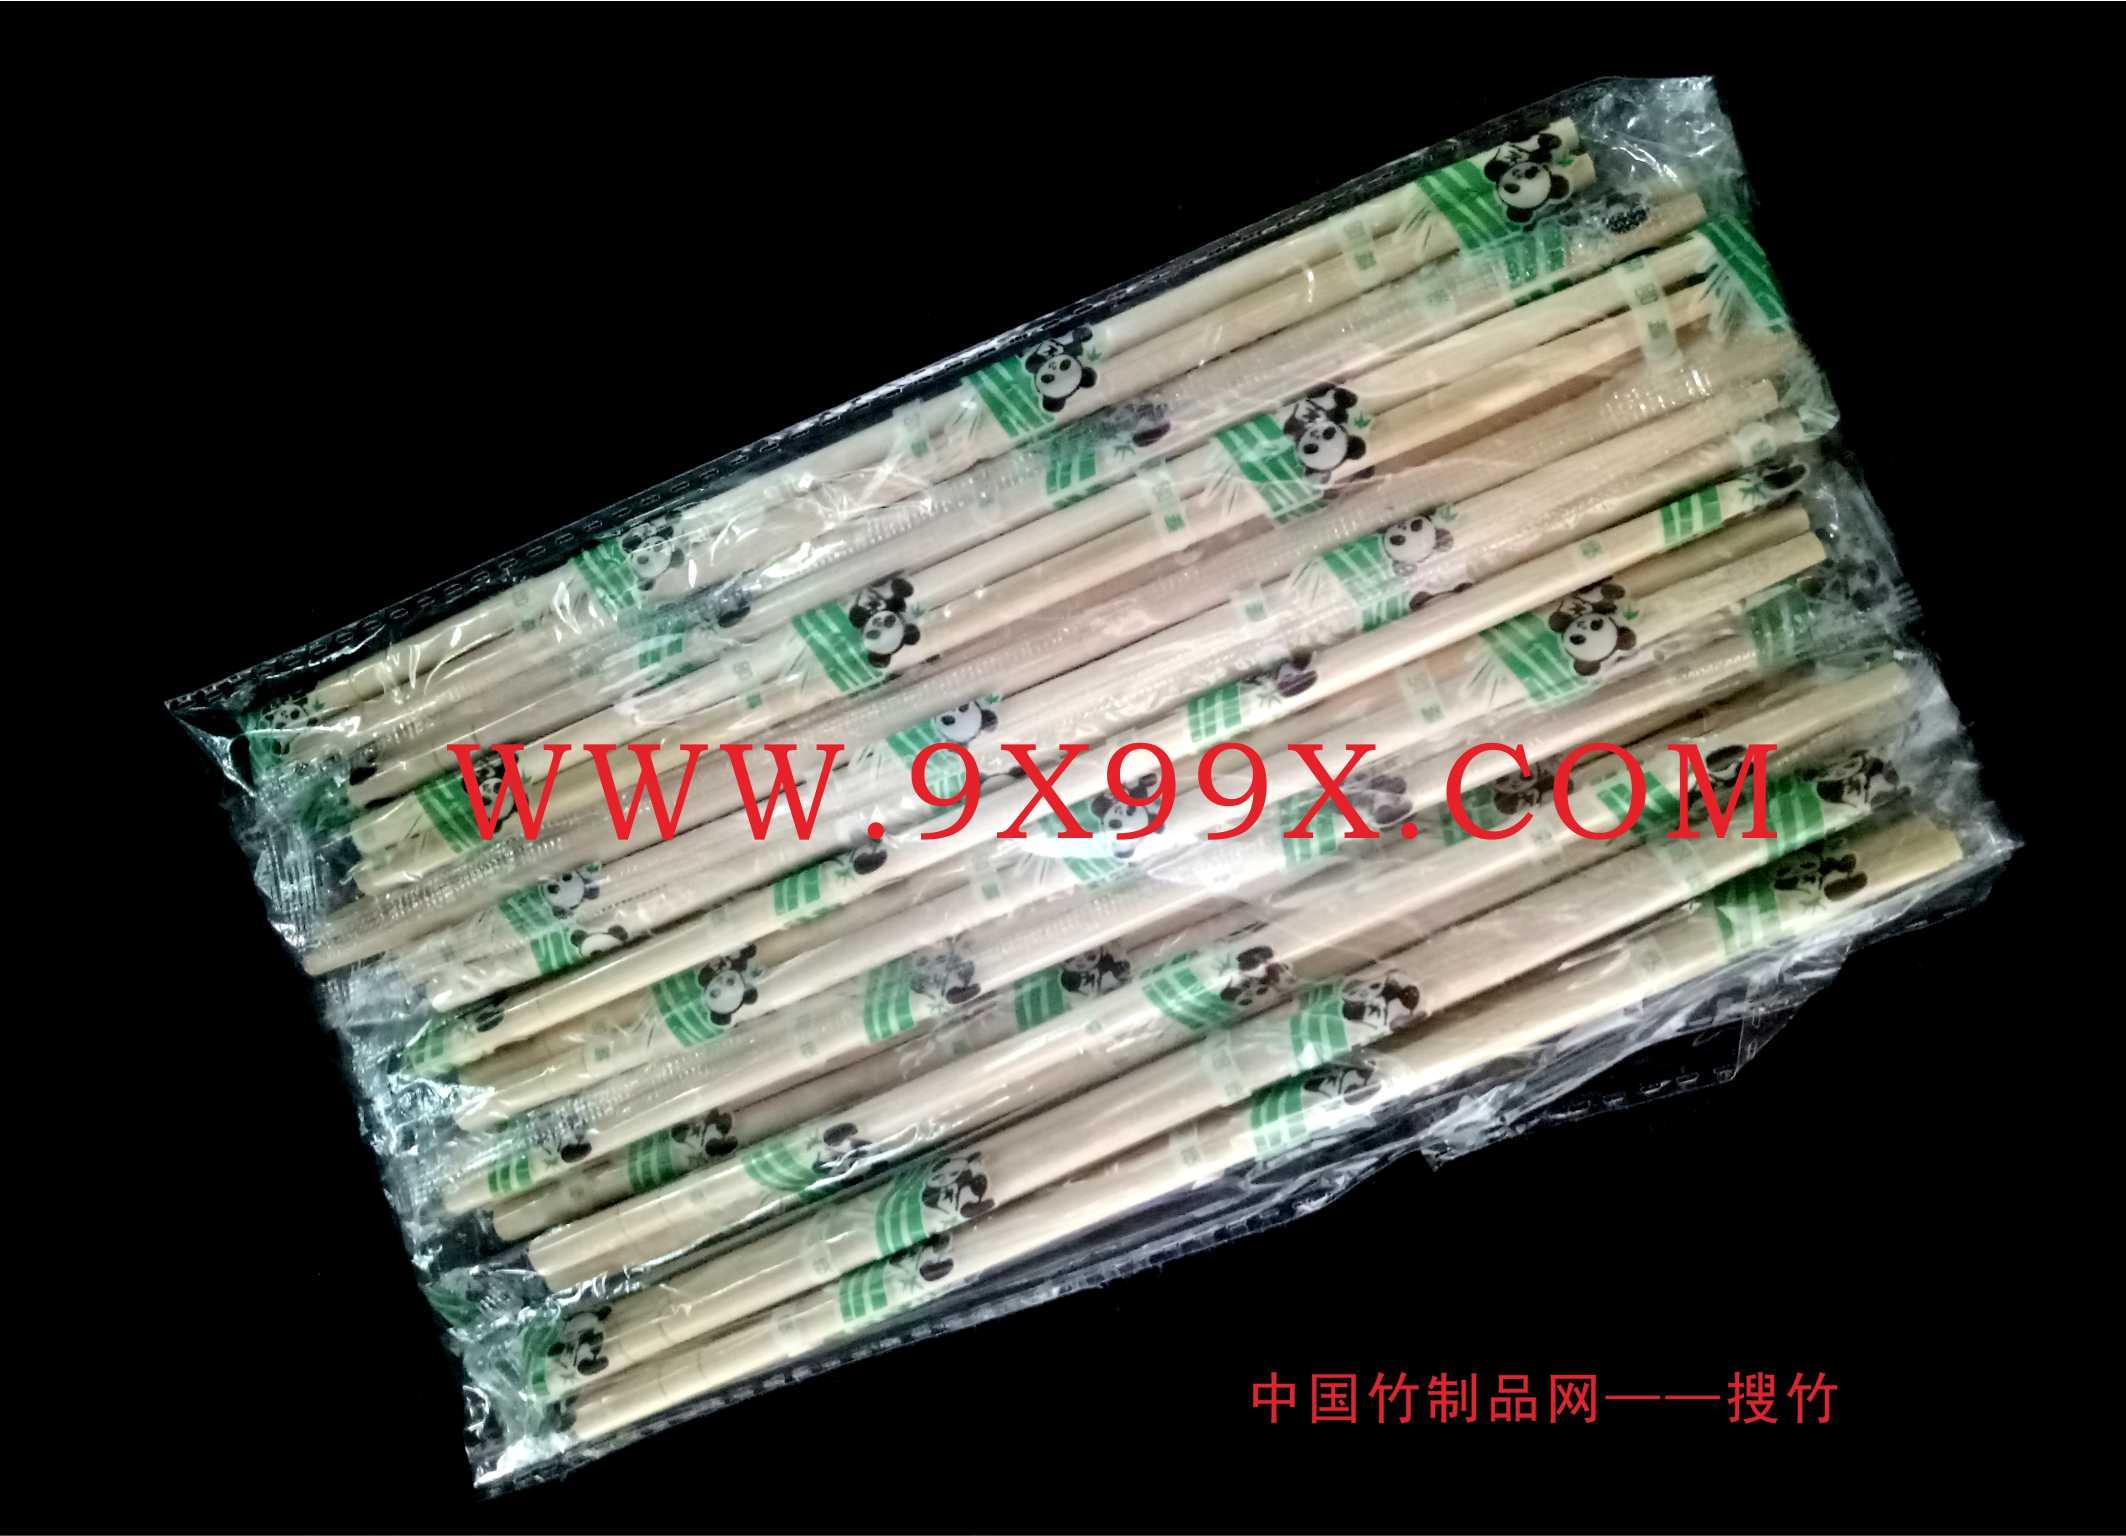 良竹精品筷5.0*19.5一次性圆棒筷子 opp包装 厂家直销 每袋900双